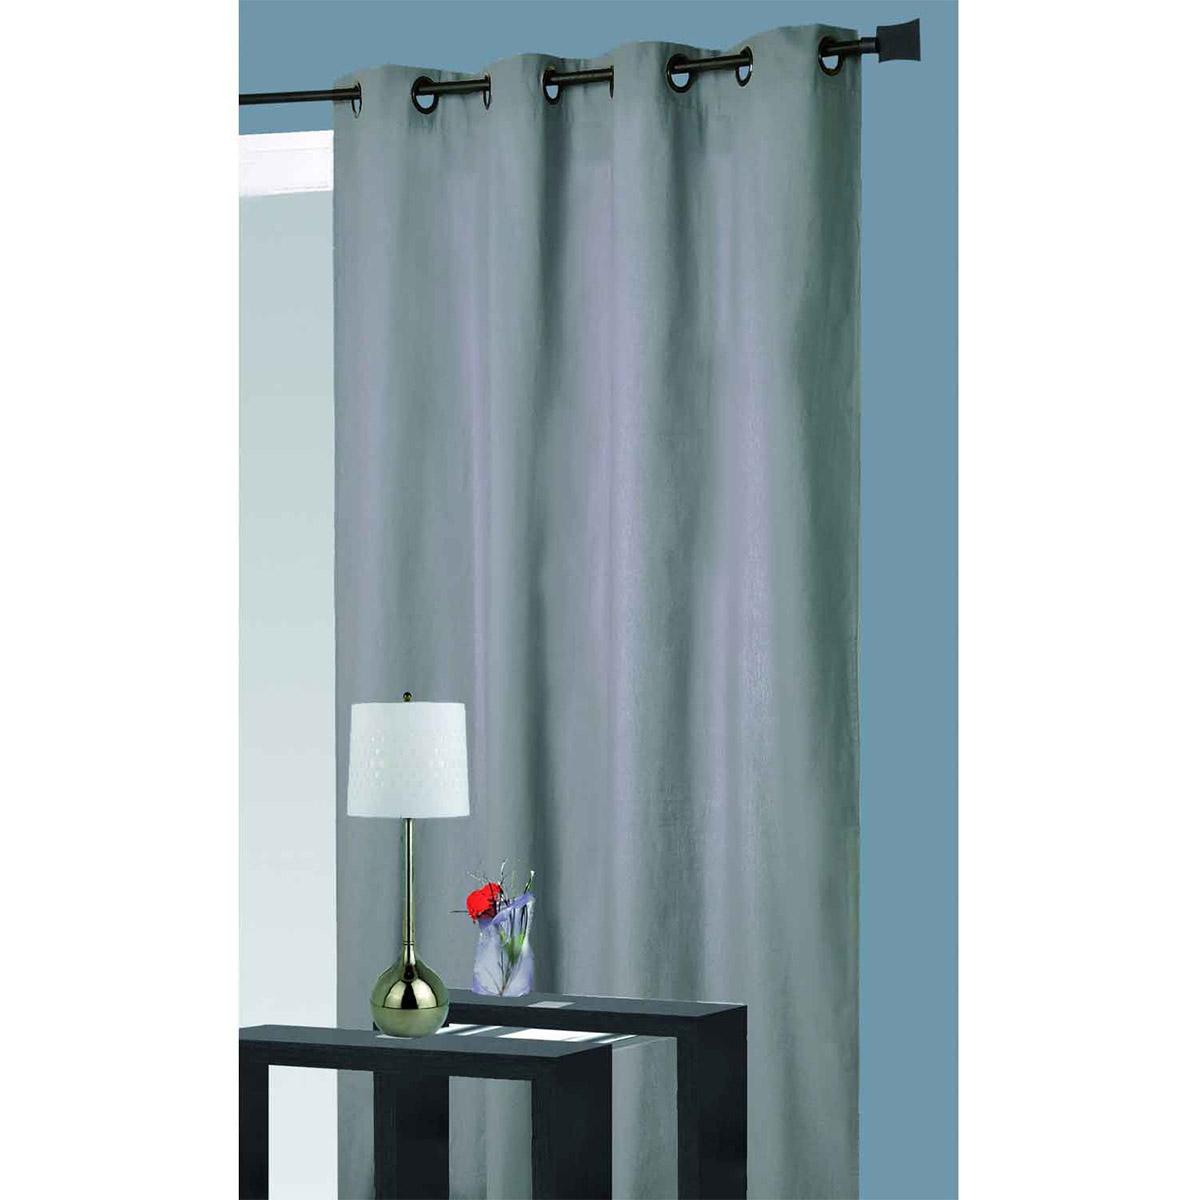 rideau isolant thermique perle p trole noir. Black Bedroom Furniture Sets. Home Design Ideas